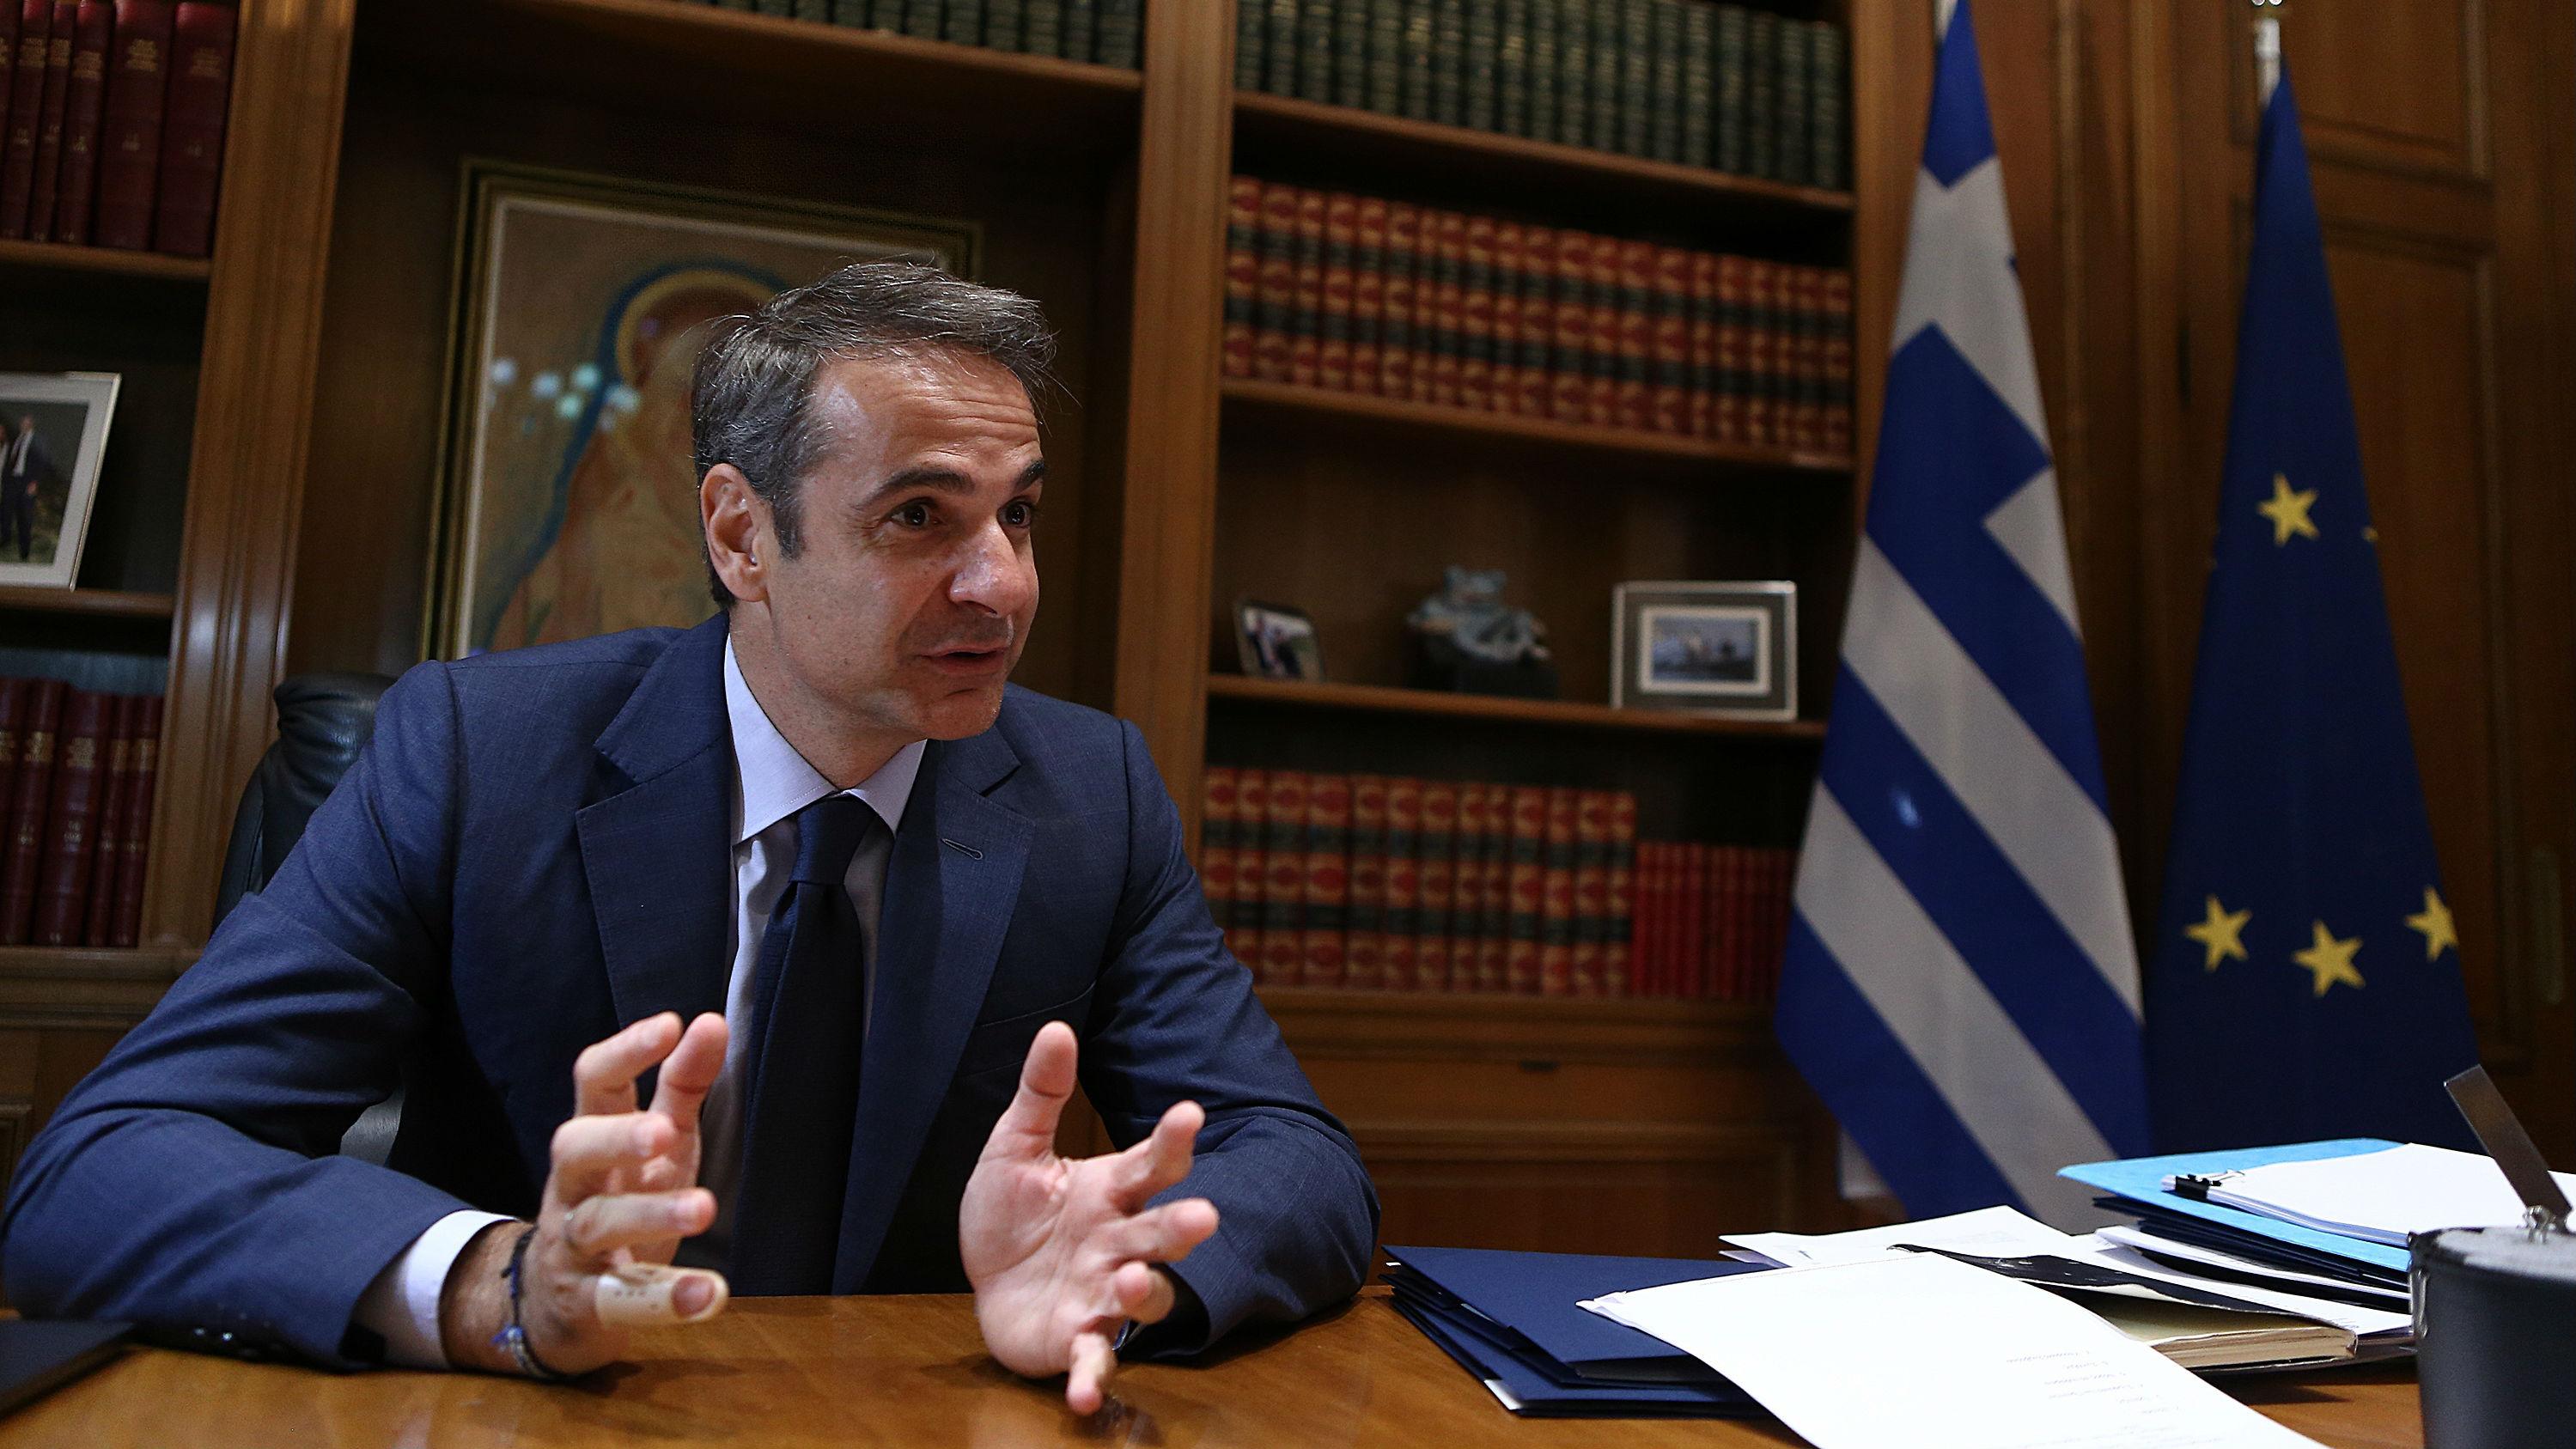 德媒:中国希腊越走越近 两国有望在多领域深化合作发展